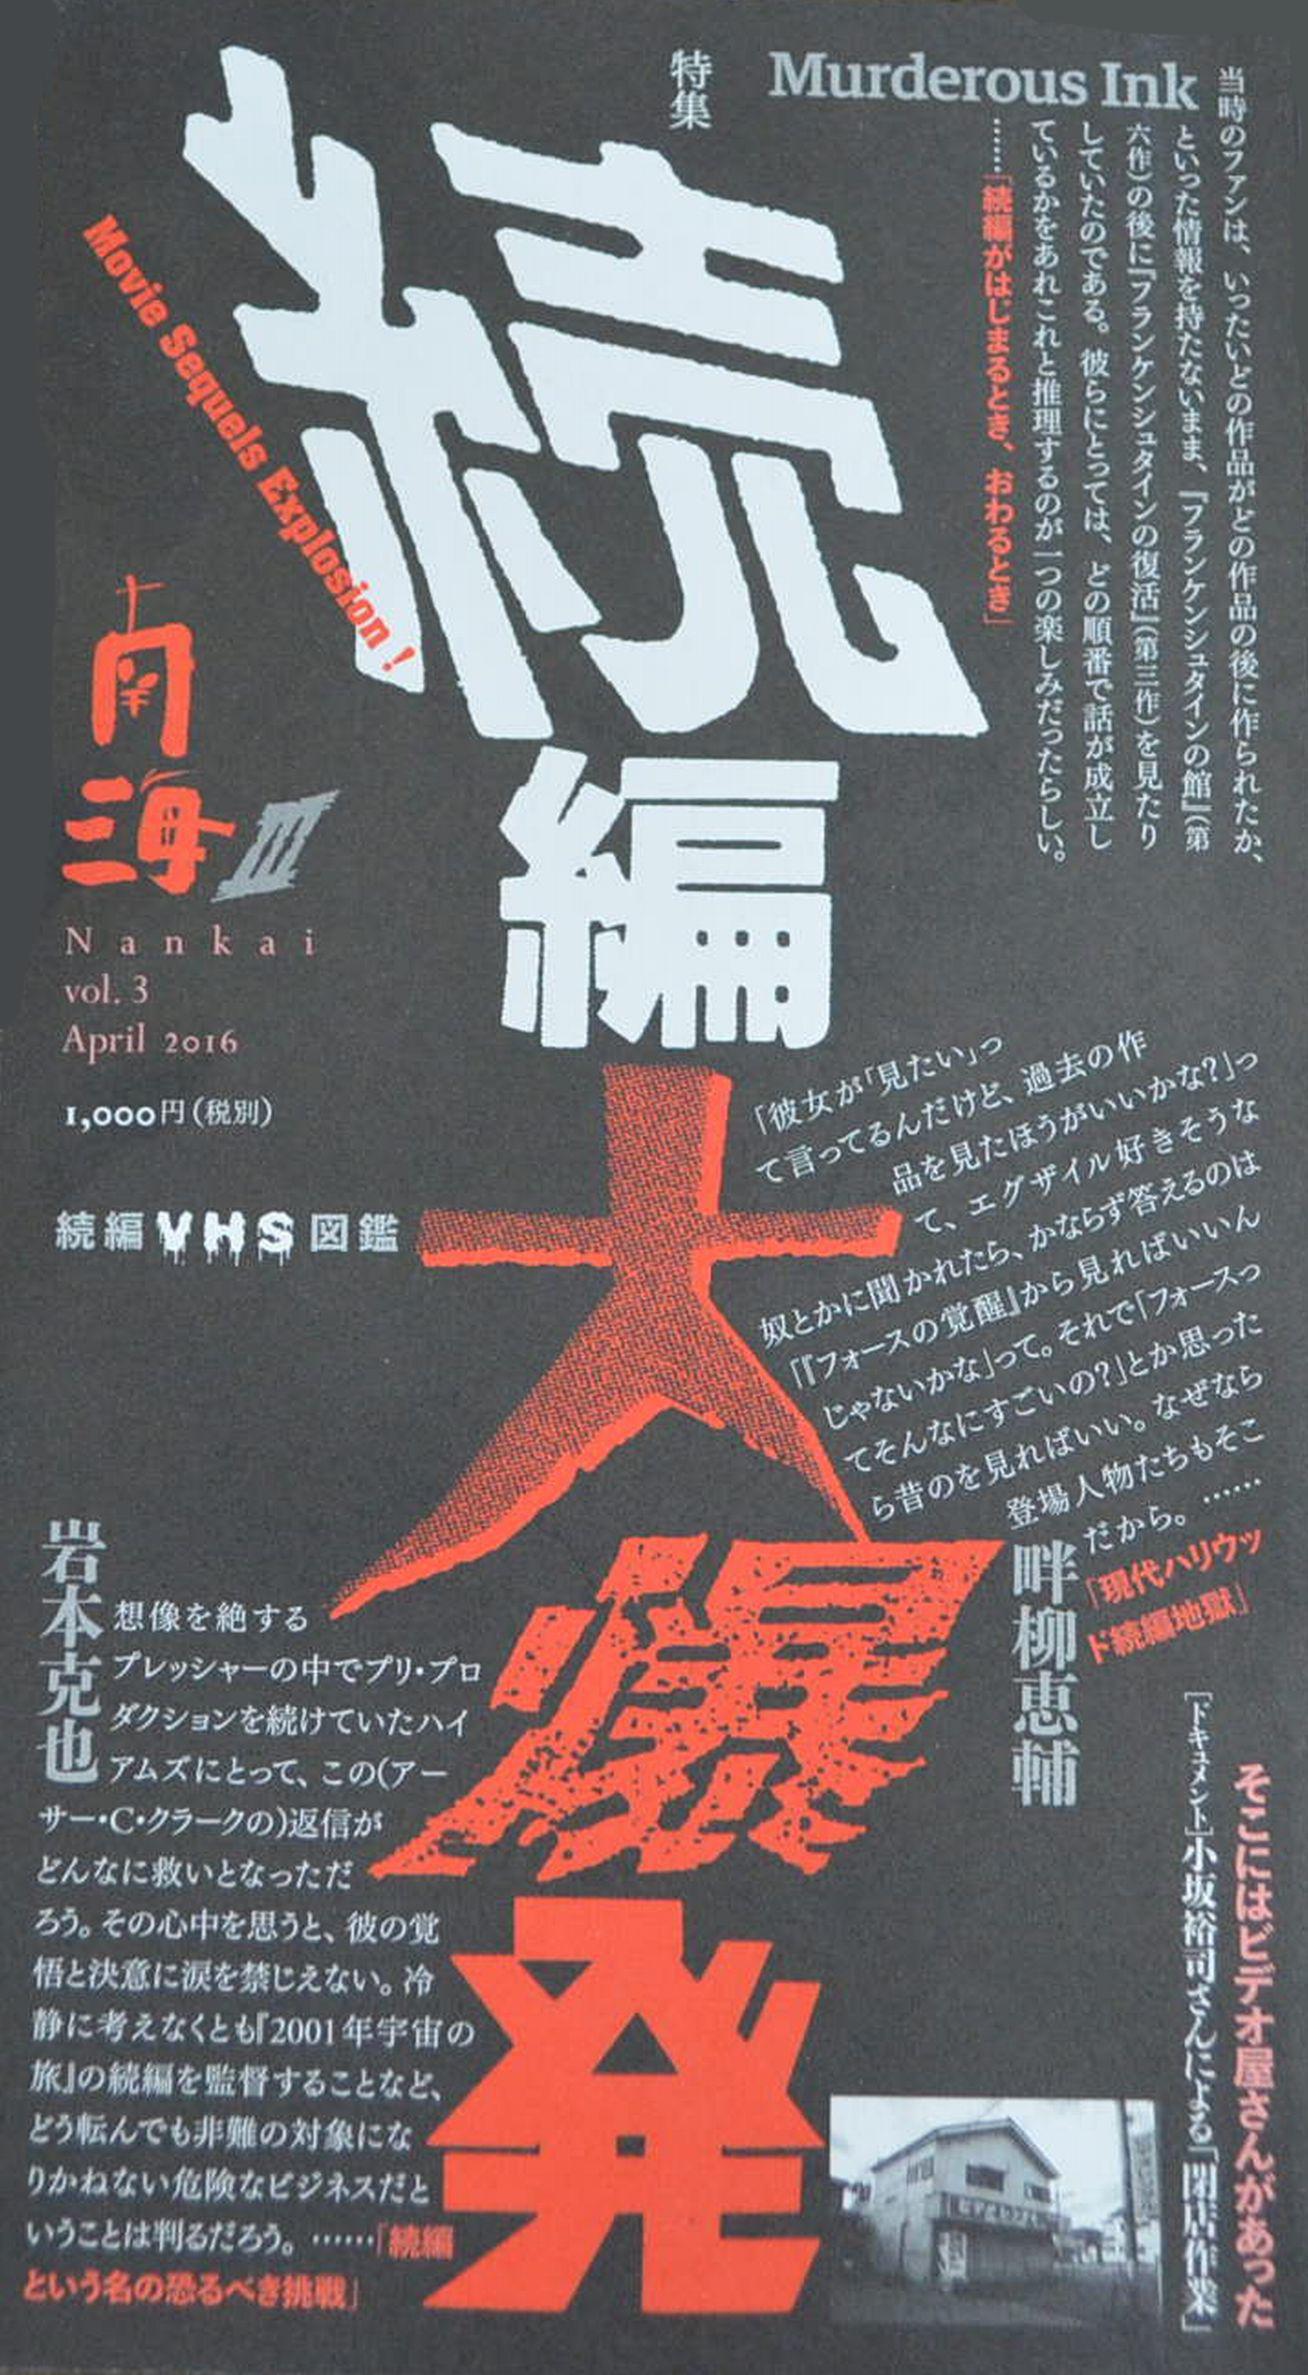 映画雑誌 『南海3』  販売中  特集 「続編映画大爆発」